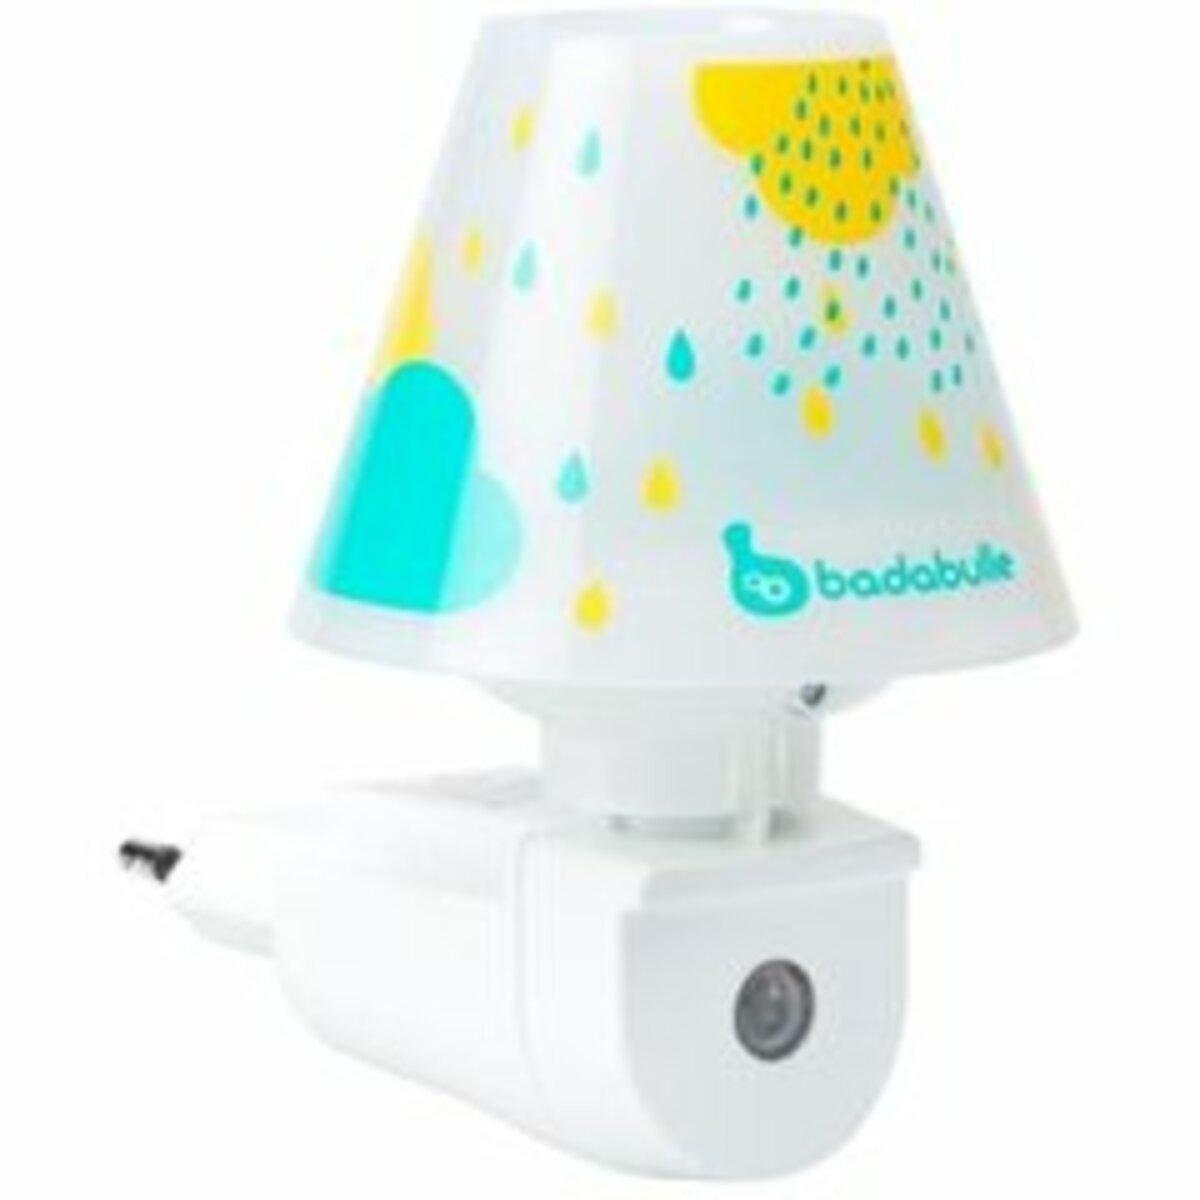 Bild 3 von Badabulle - Nachtlicht blau